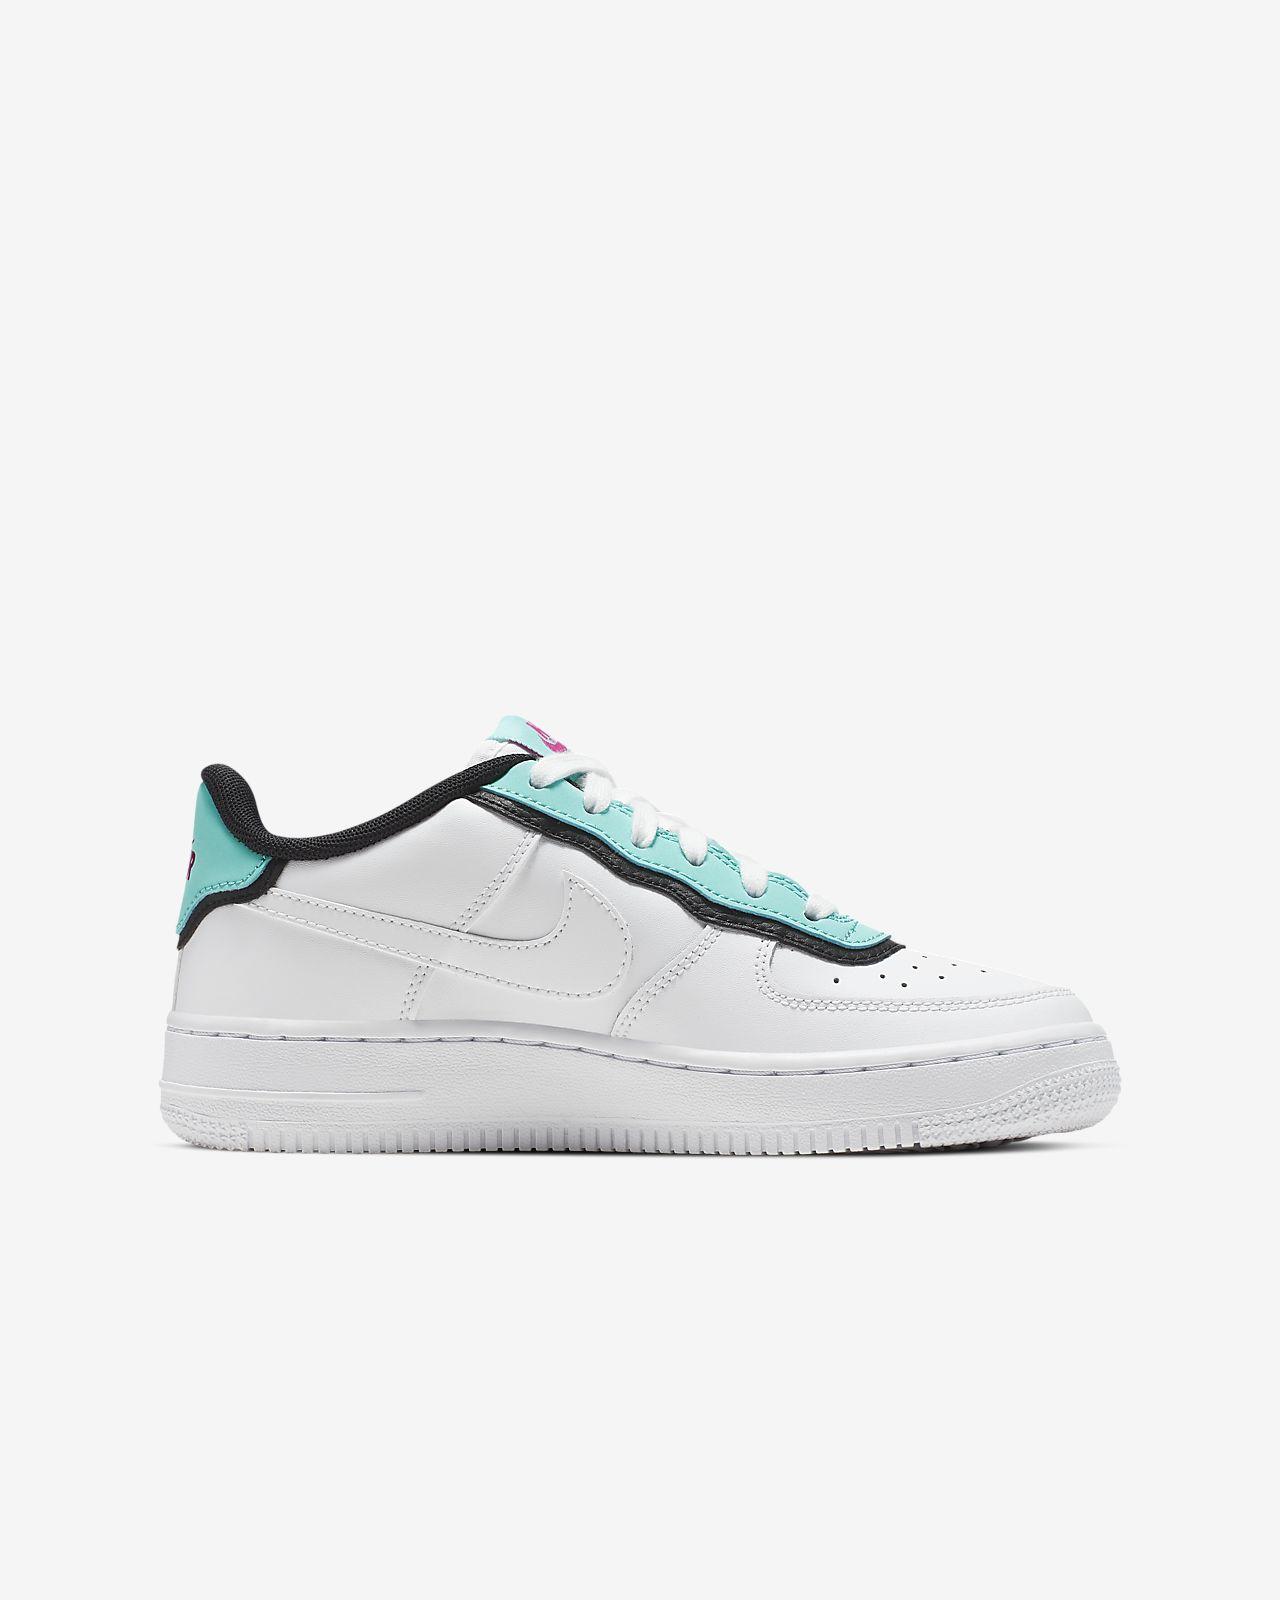 outlet store 8ffa0 e00d8 ... Chaussure Nike Air Force 1 LV8 1 DBL pour Enfant plus âgé